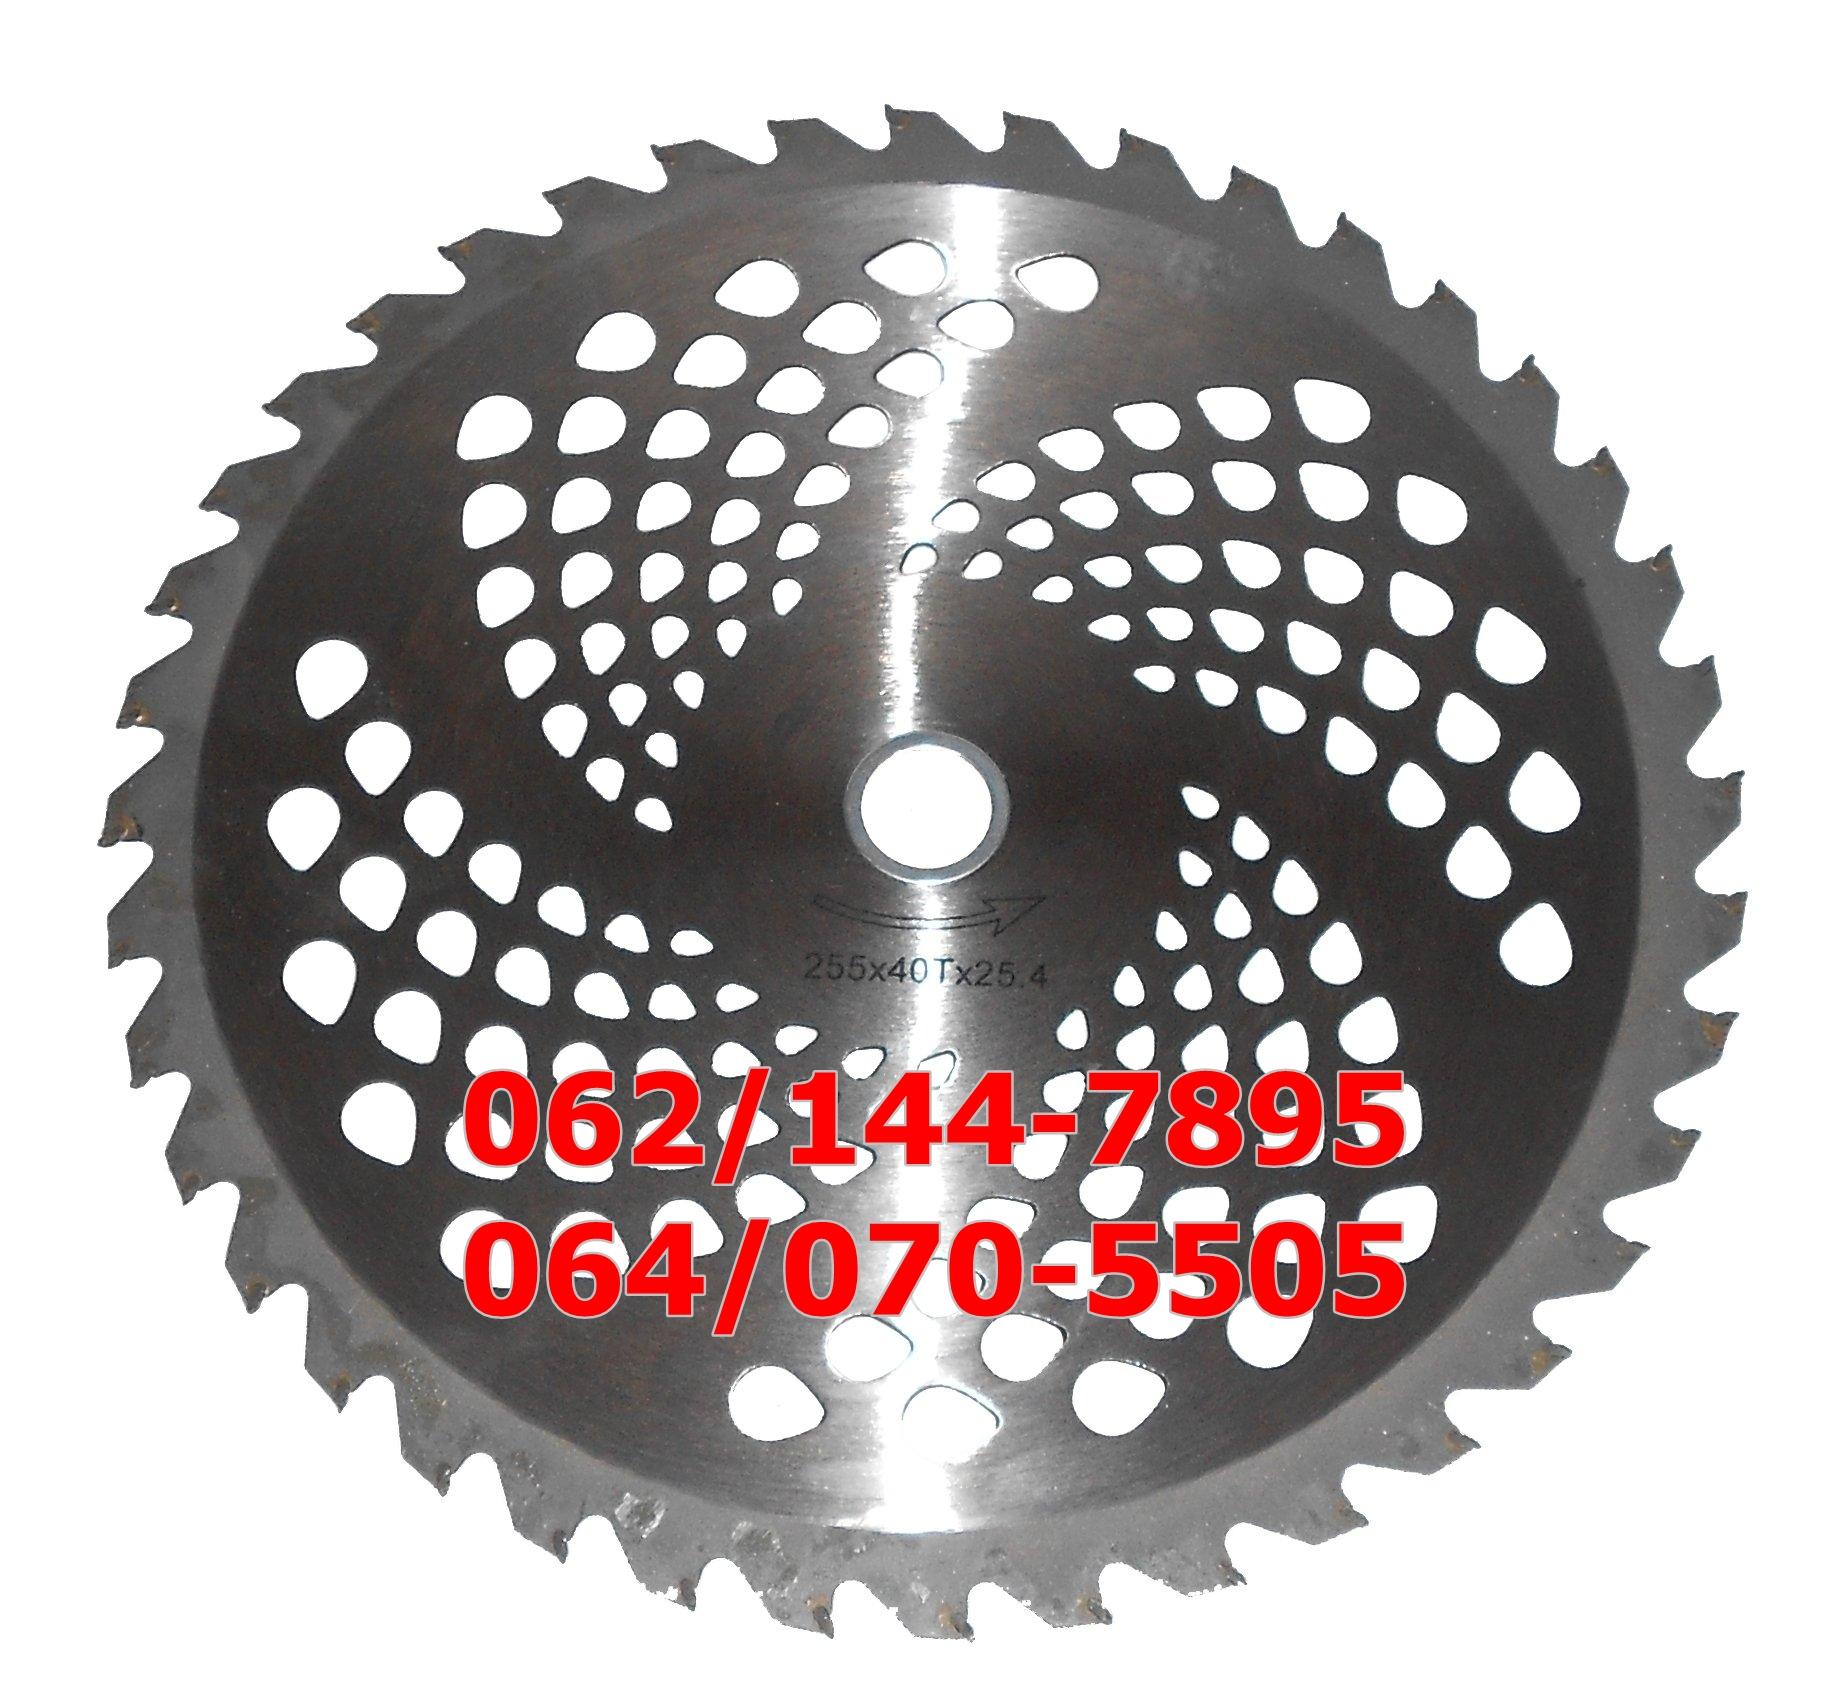 3169322_572843afee0eb8-71664779DSCN5913